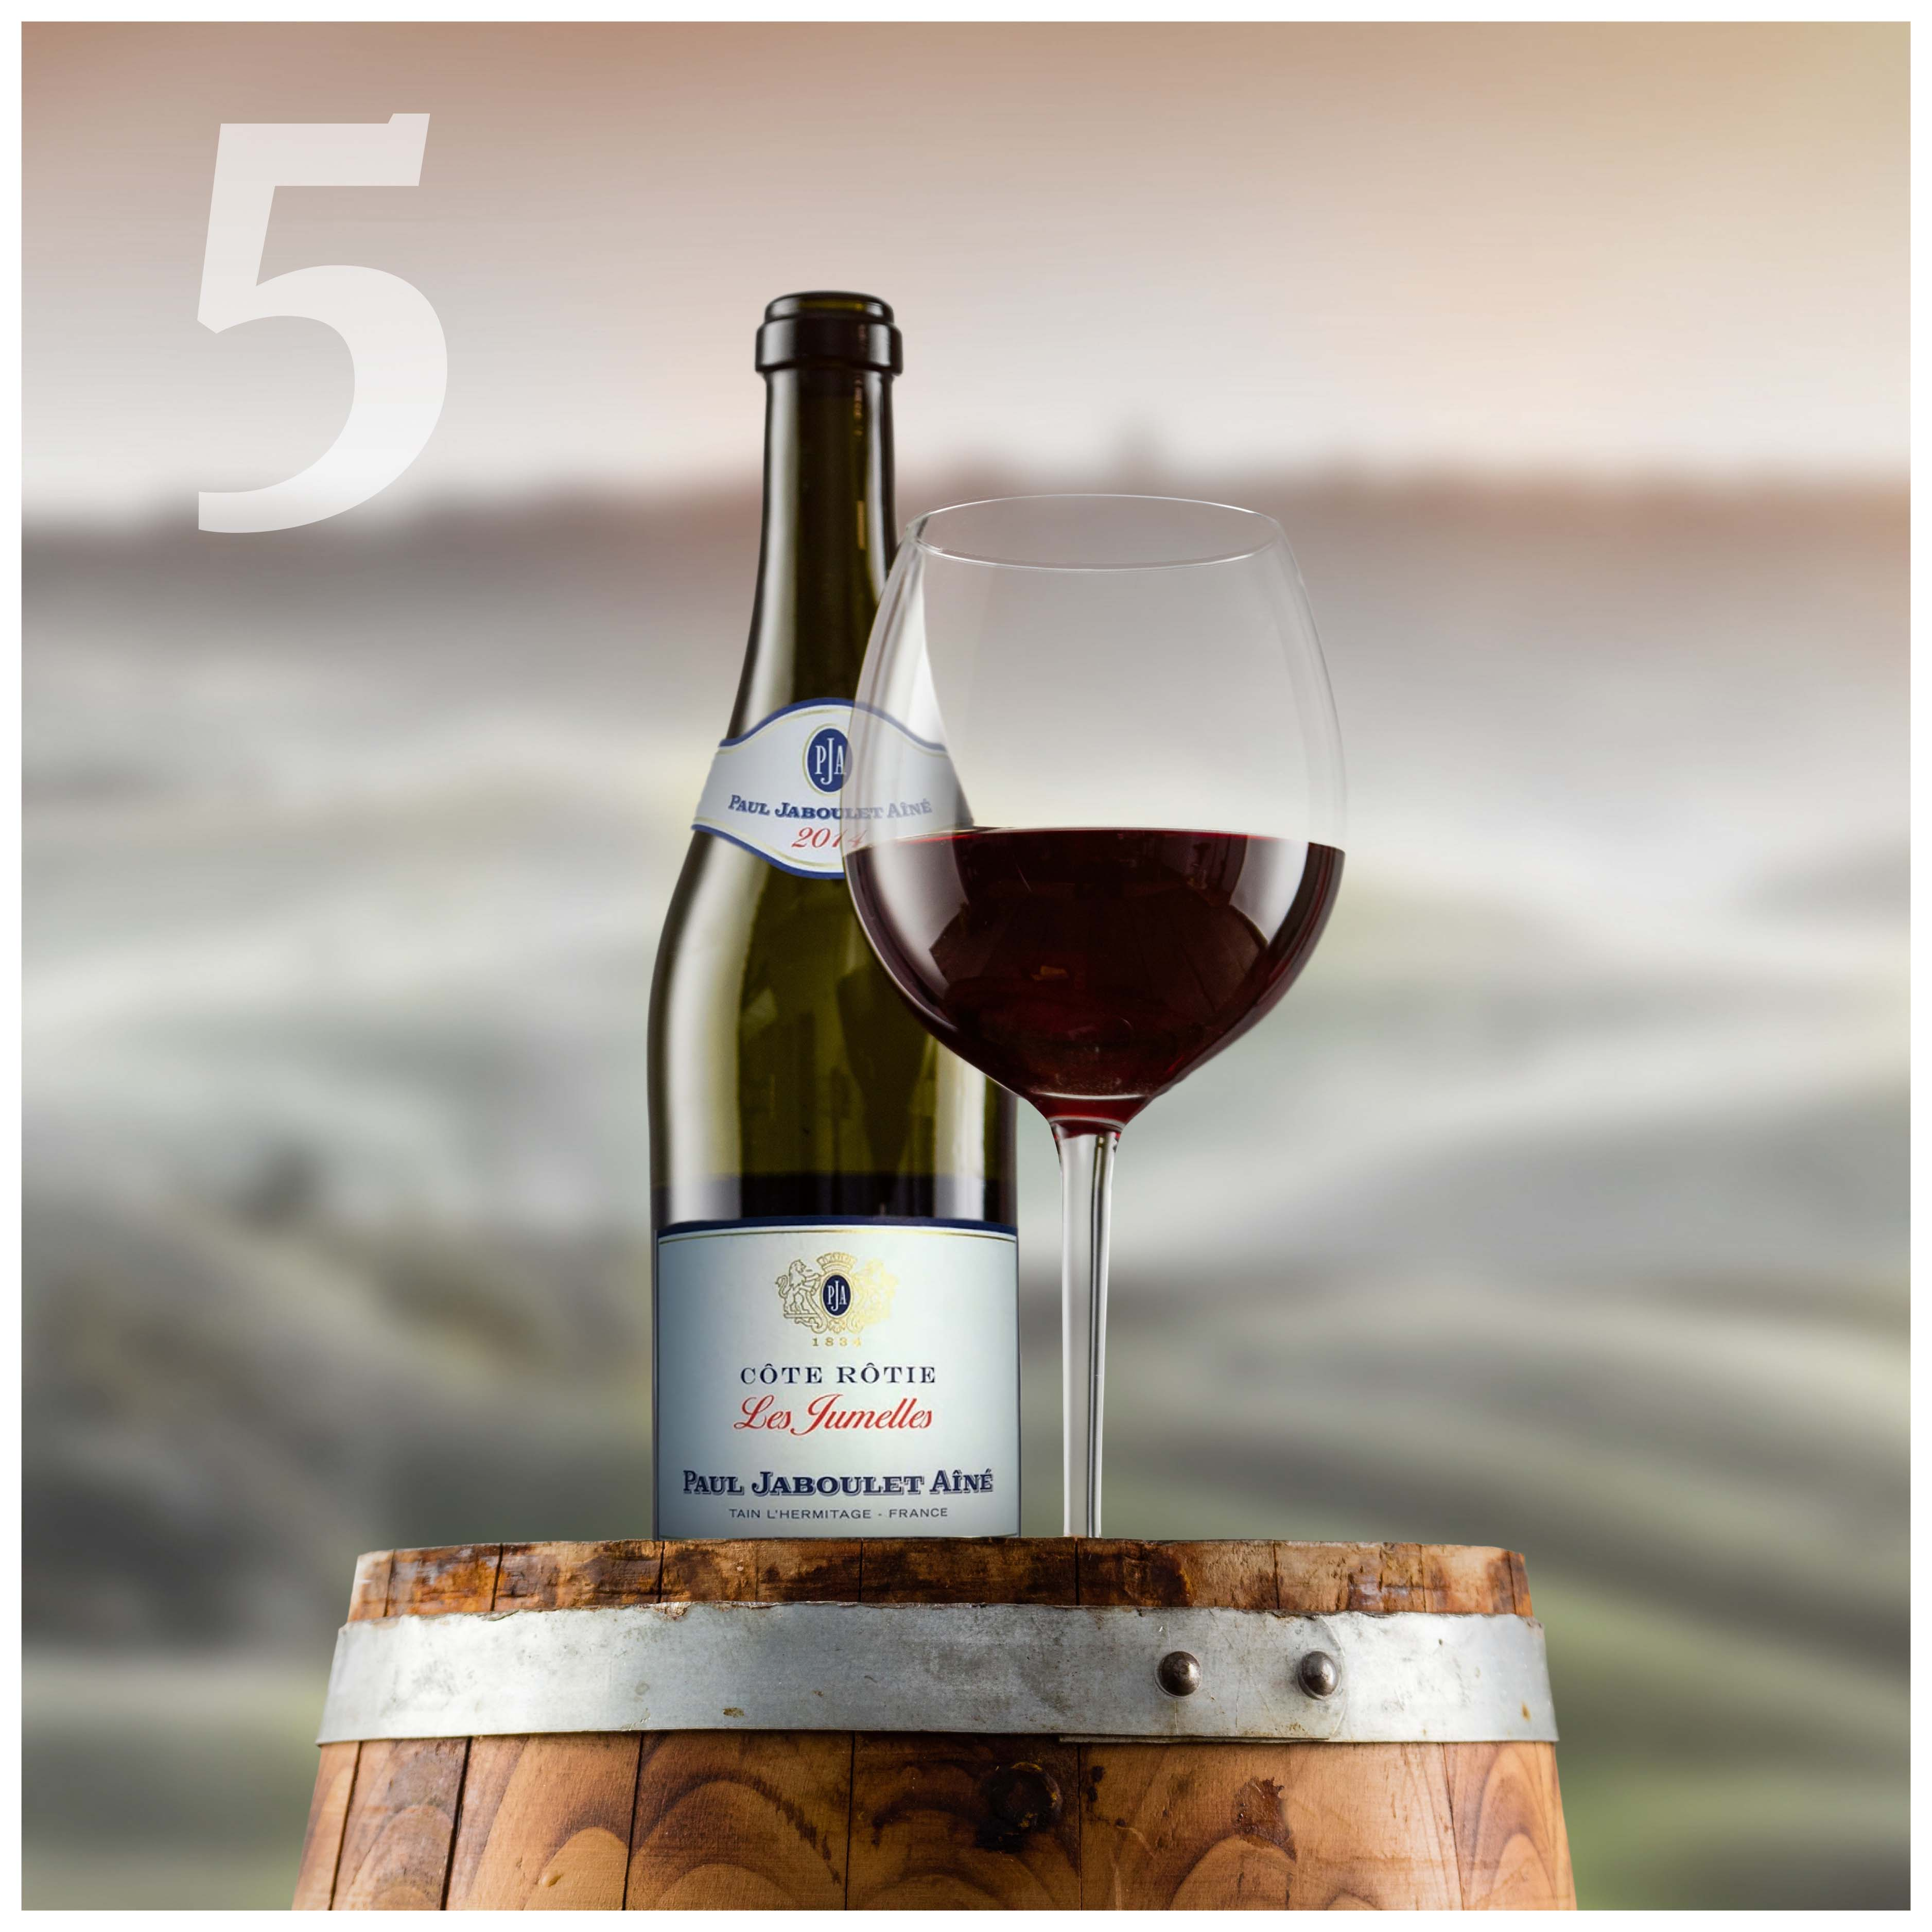 2014 Paul Jaboulet Aine Cote Rotie Les Jumelles Wine